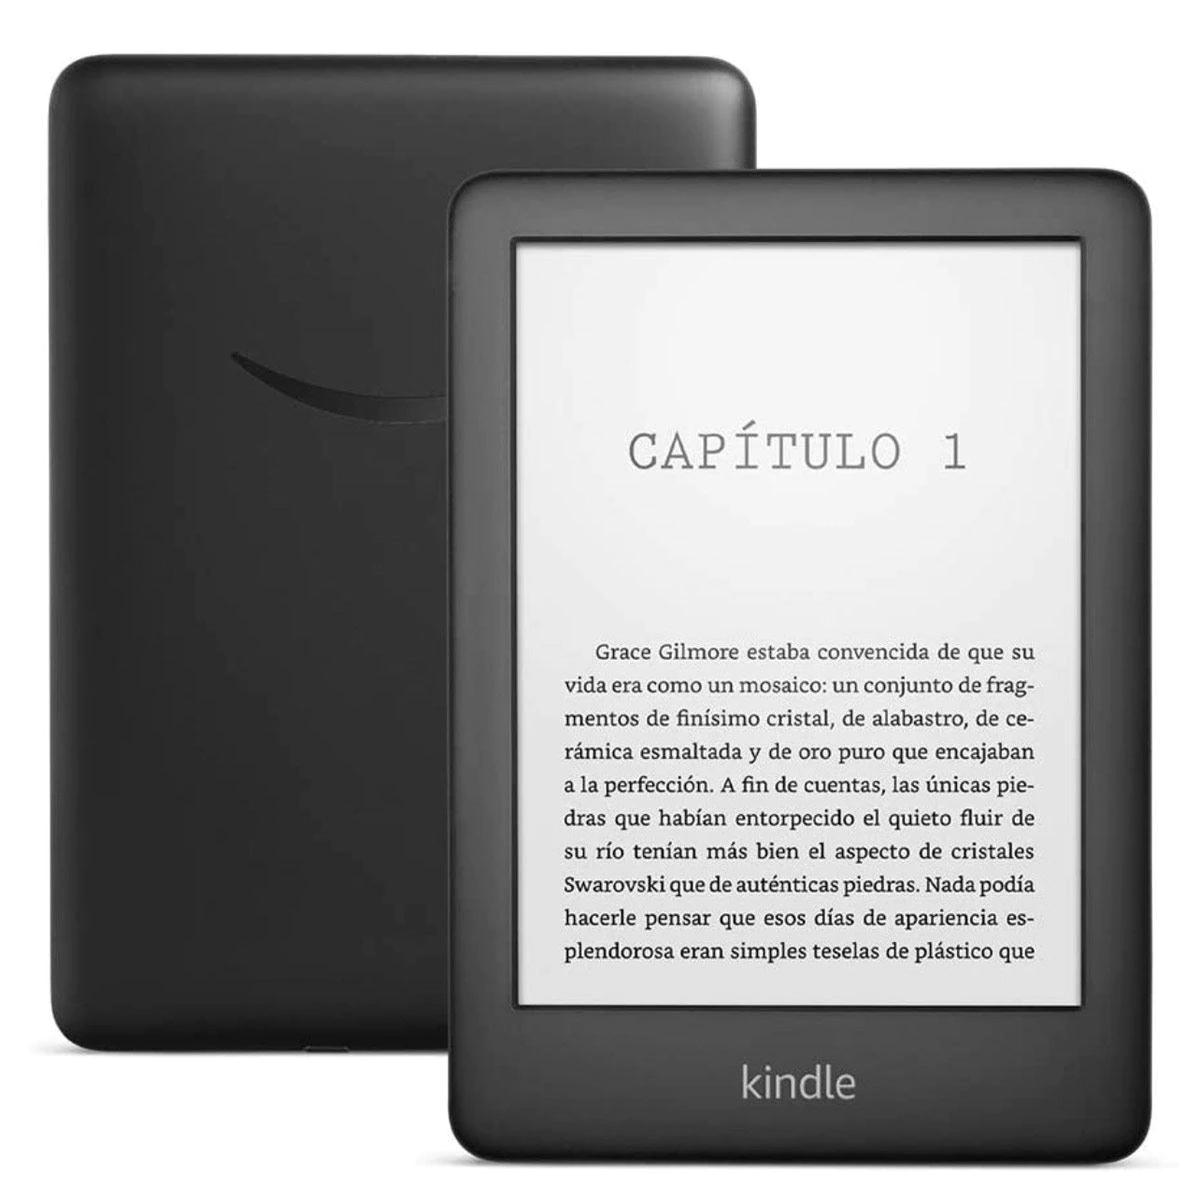 Sanborns: Libro Electrónico Kindle 10° Generación Negro